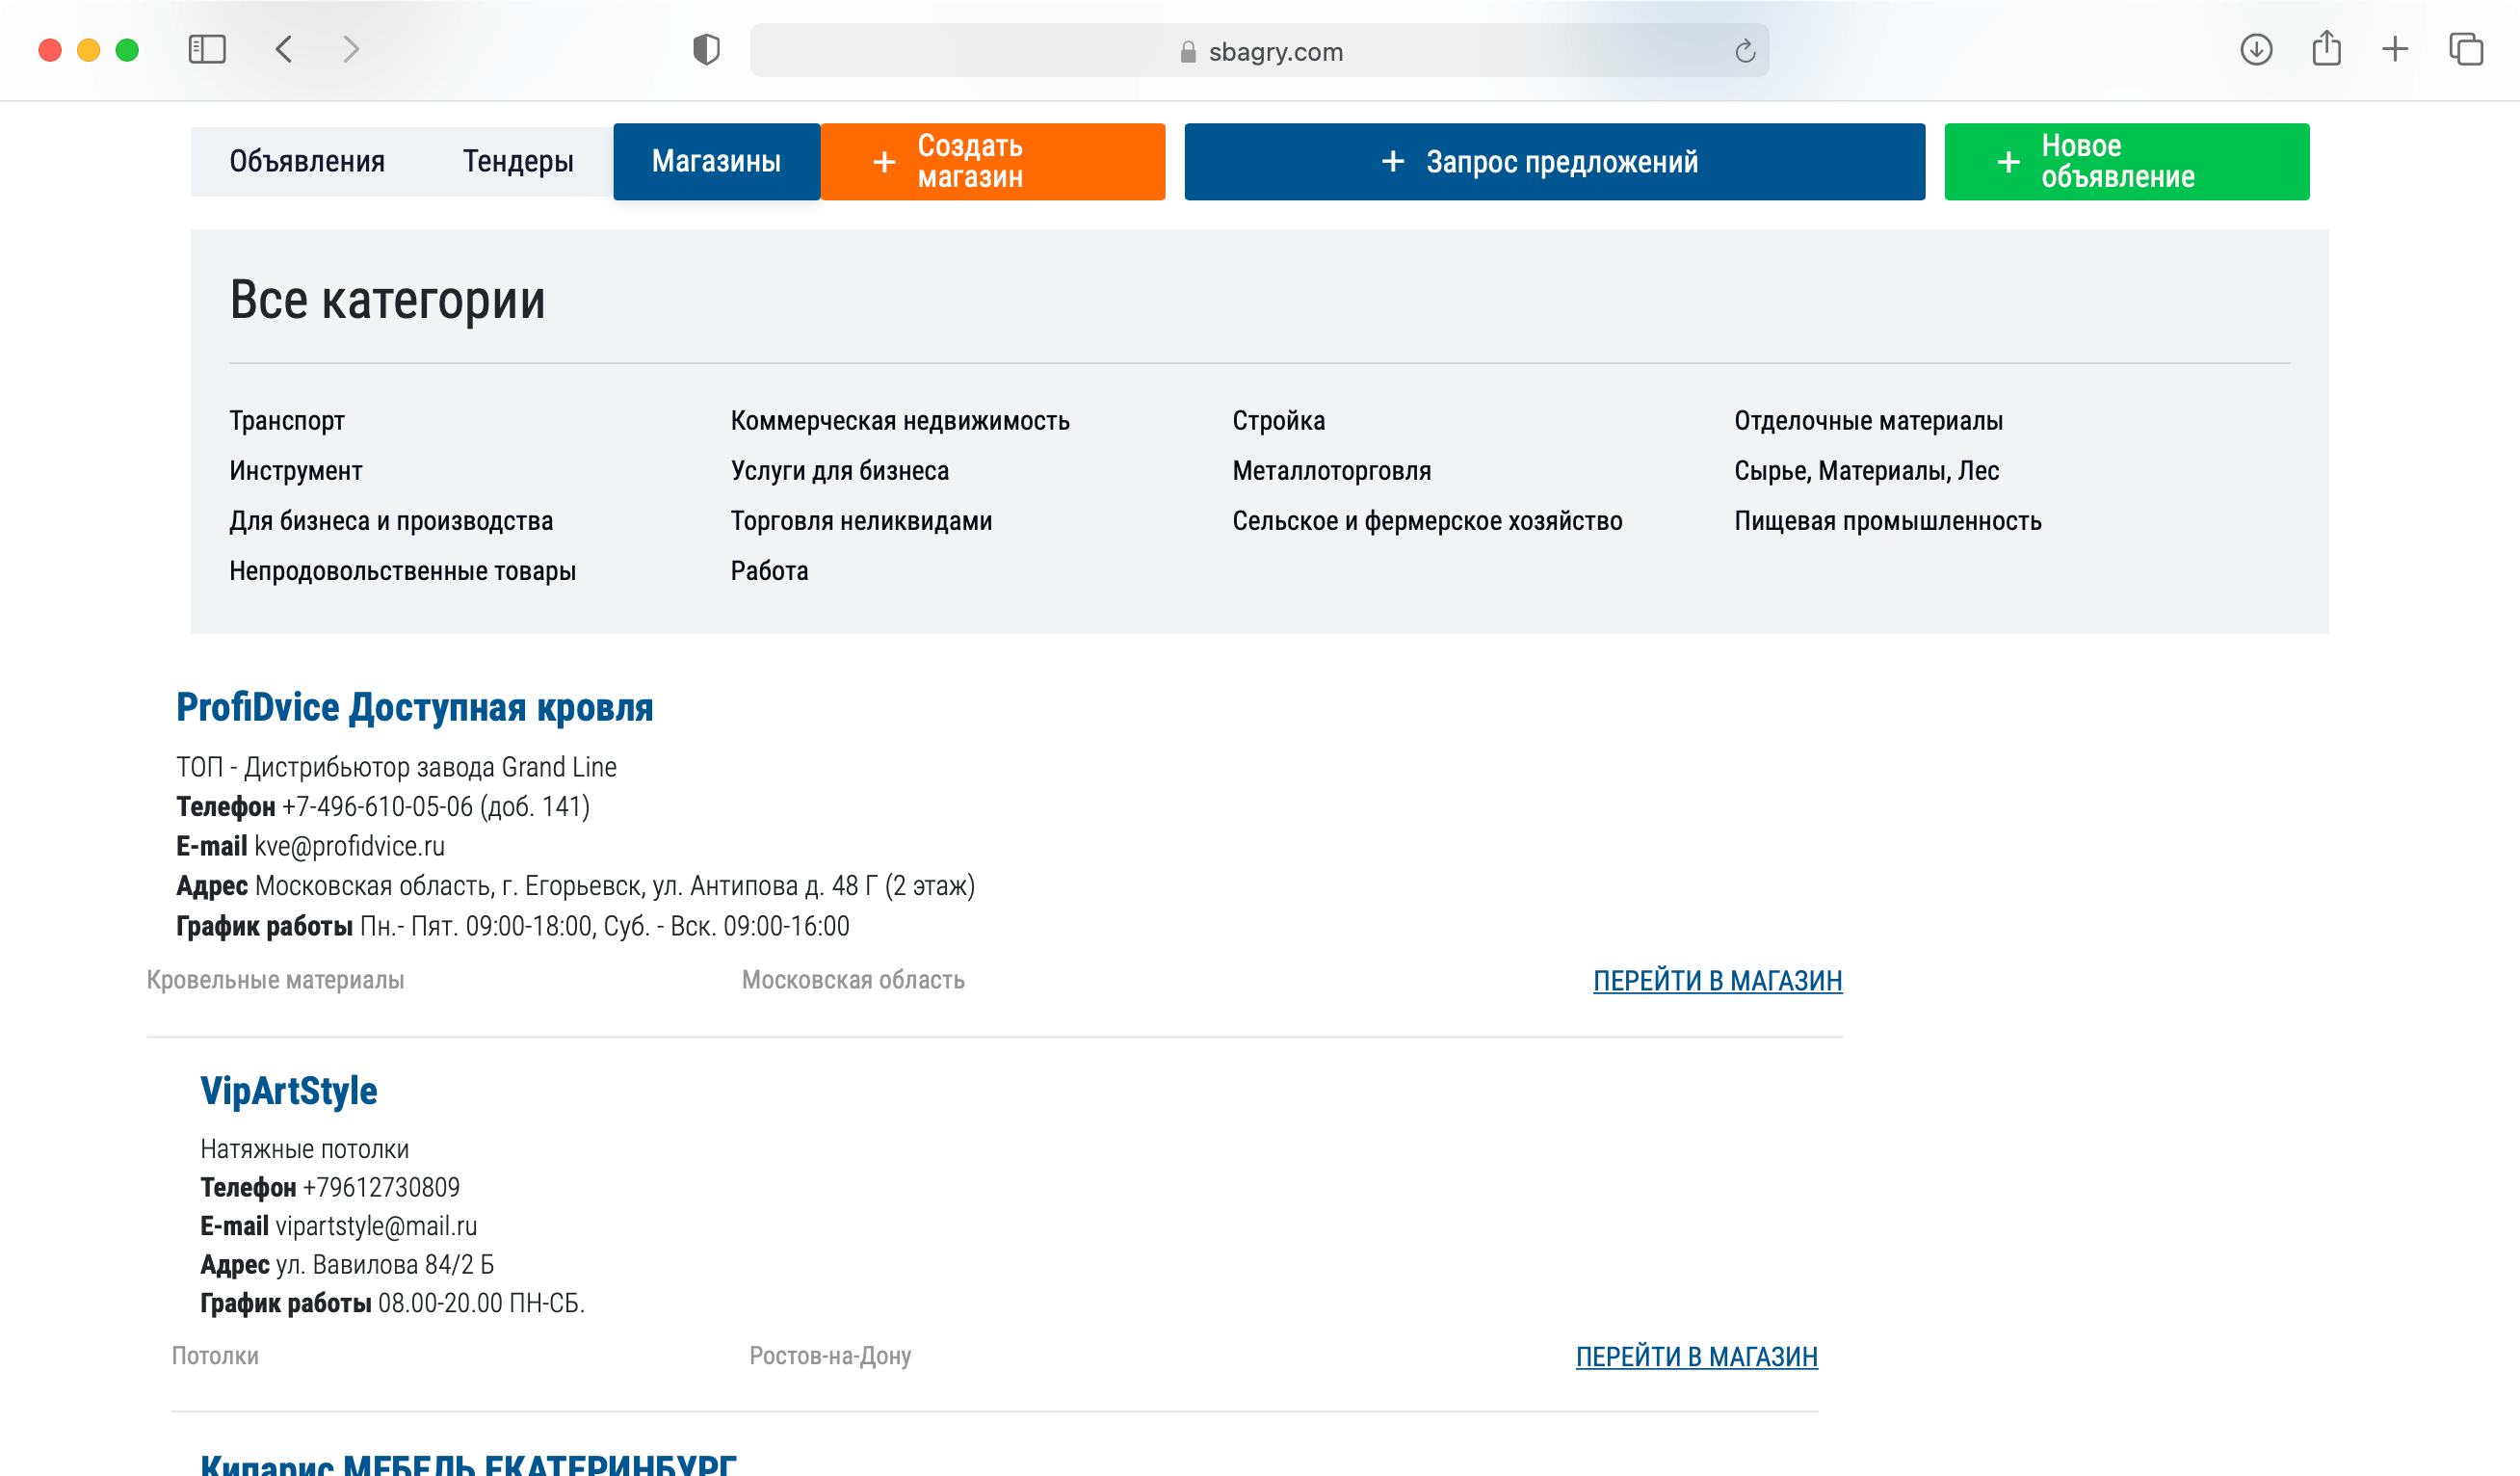 Sbagry — самый простой способ создать свой магазин и мобильный тендер по всей России